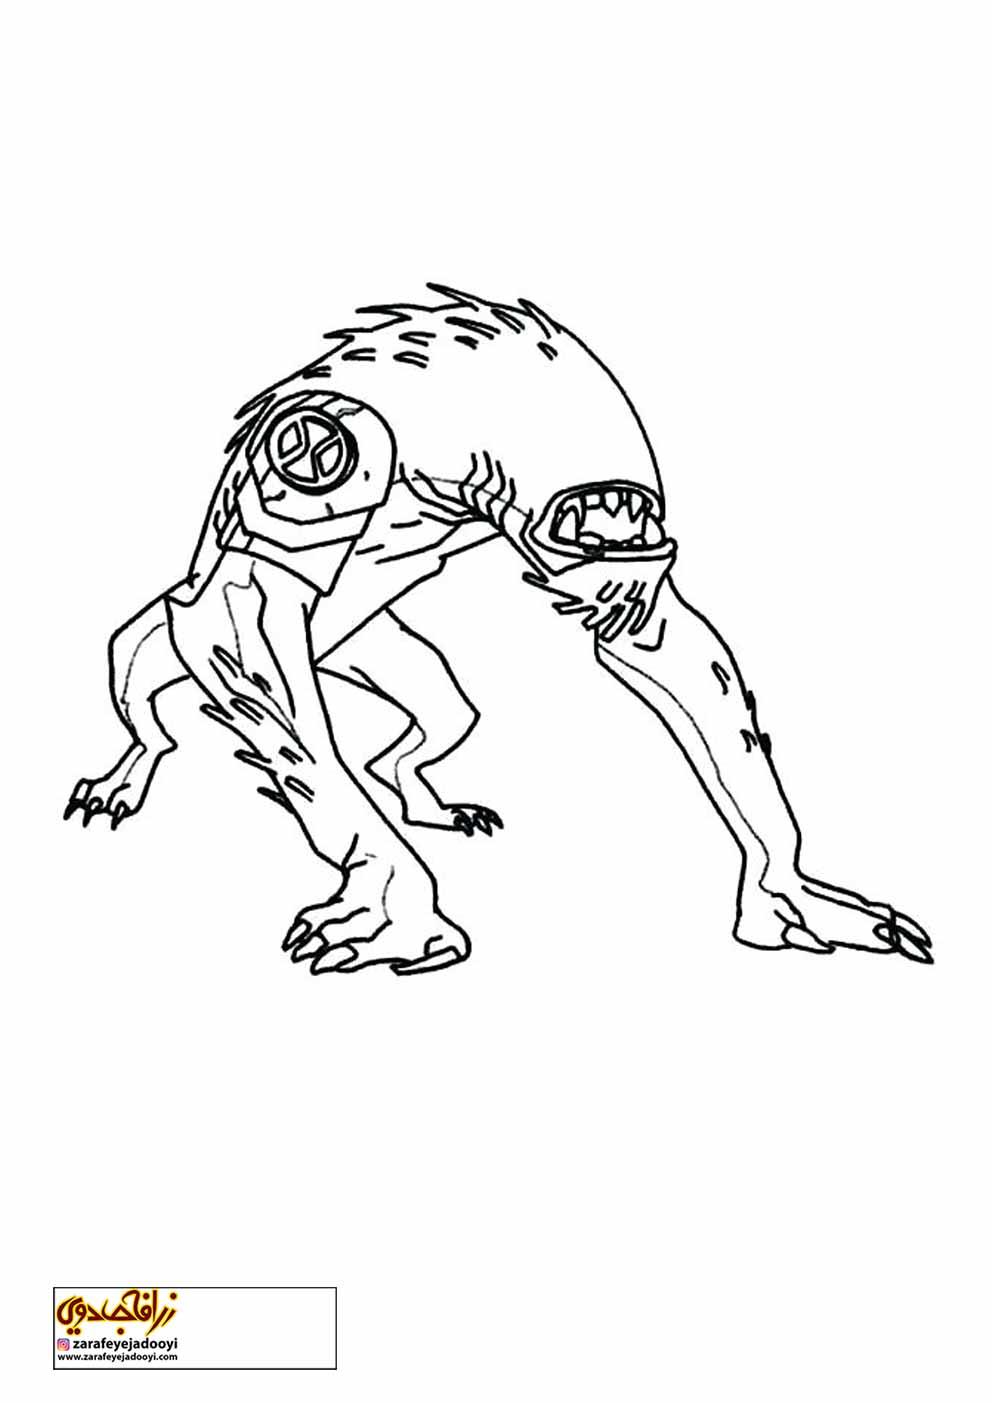 زرافه-جادویی-نقاشی-کارتون-بن-تن-08